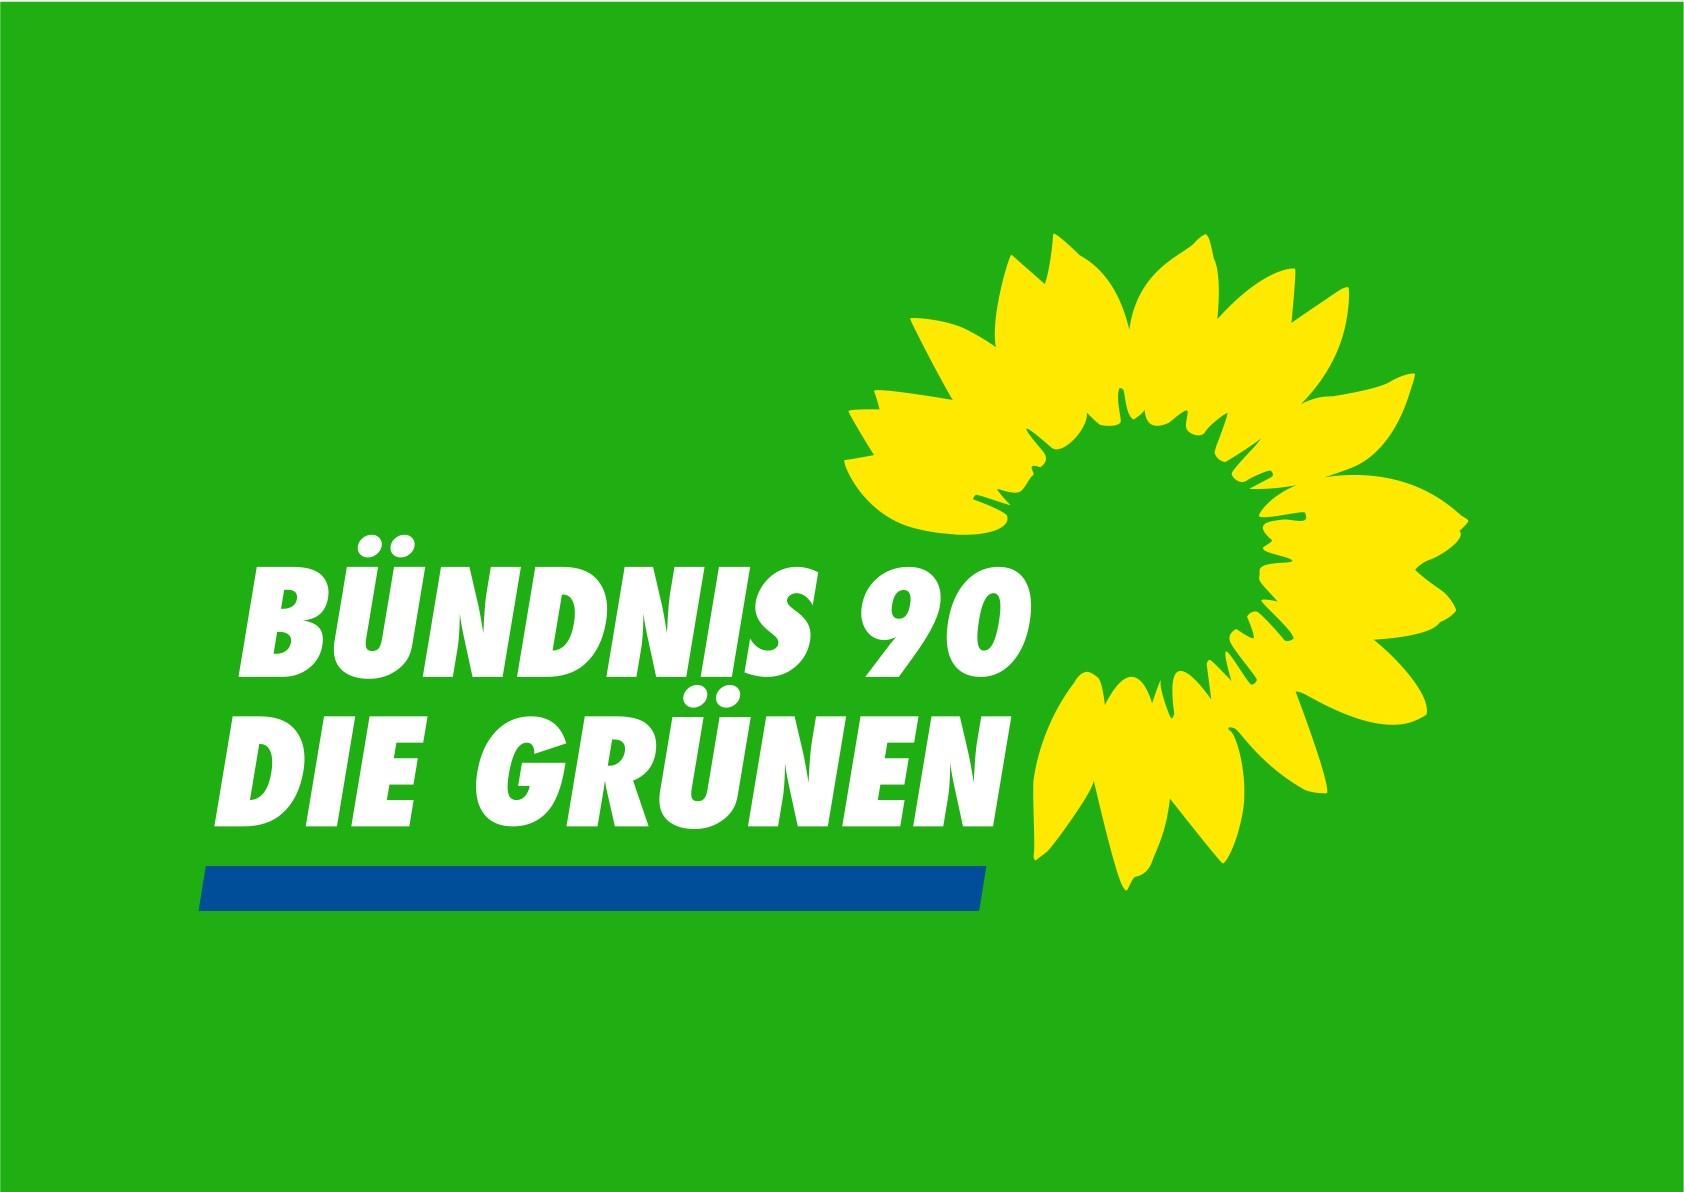 Szövetség 90Zöldek régi zöld párt logója.jpg